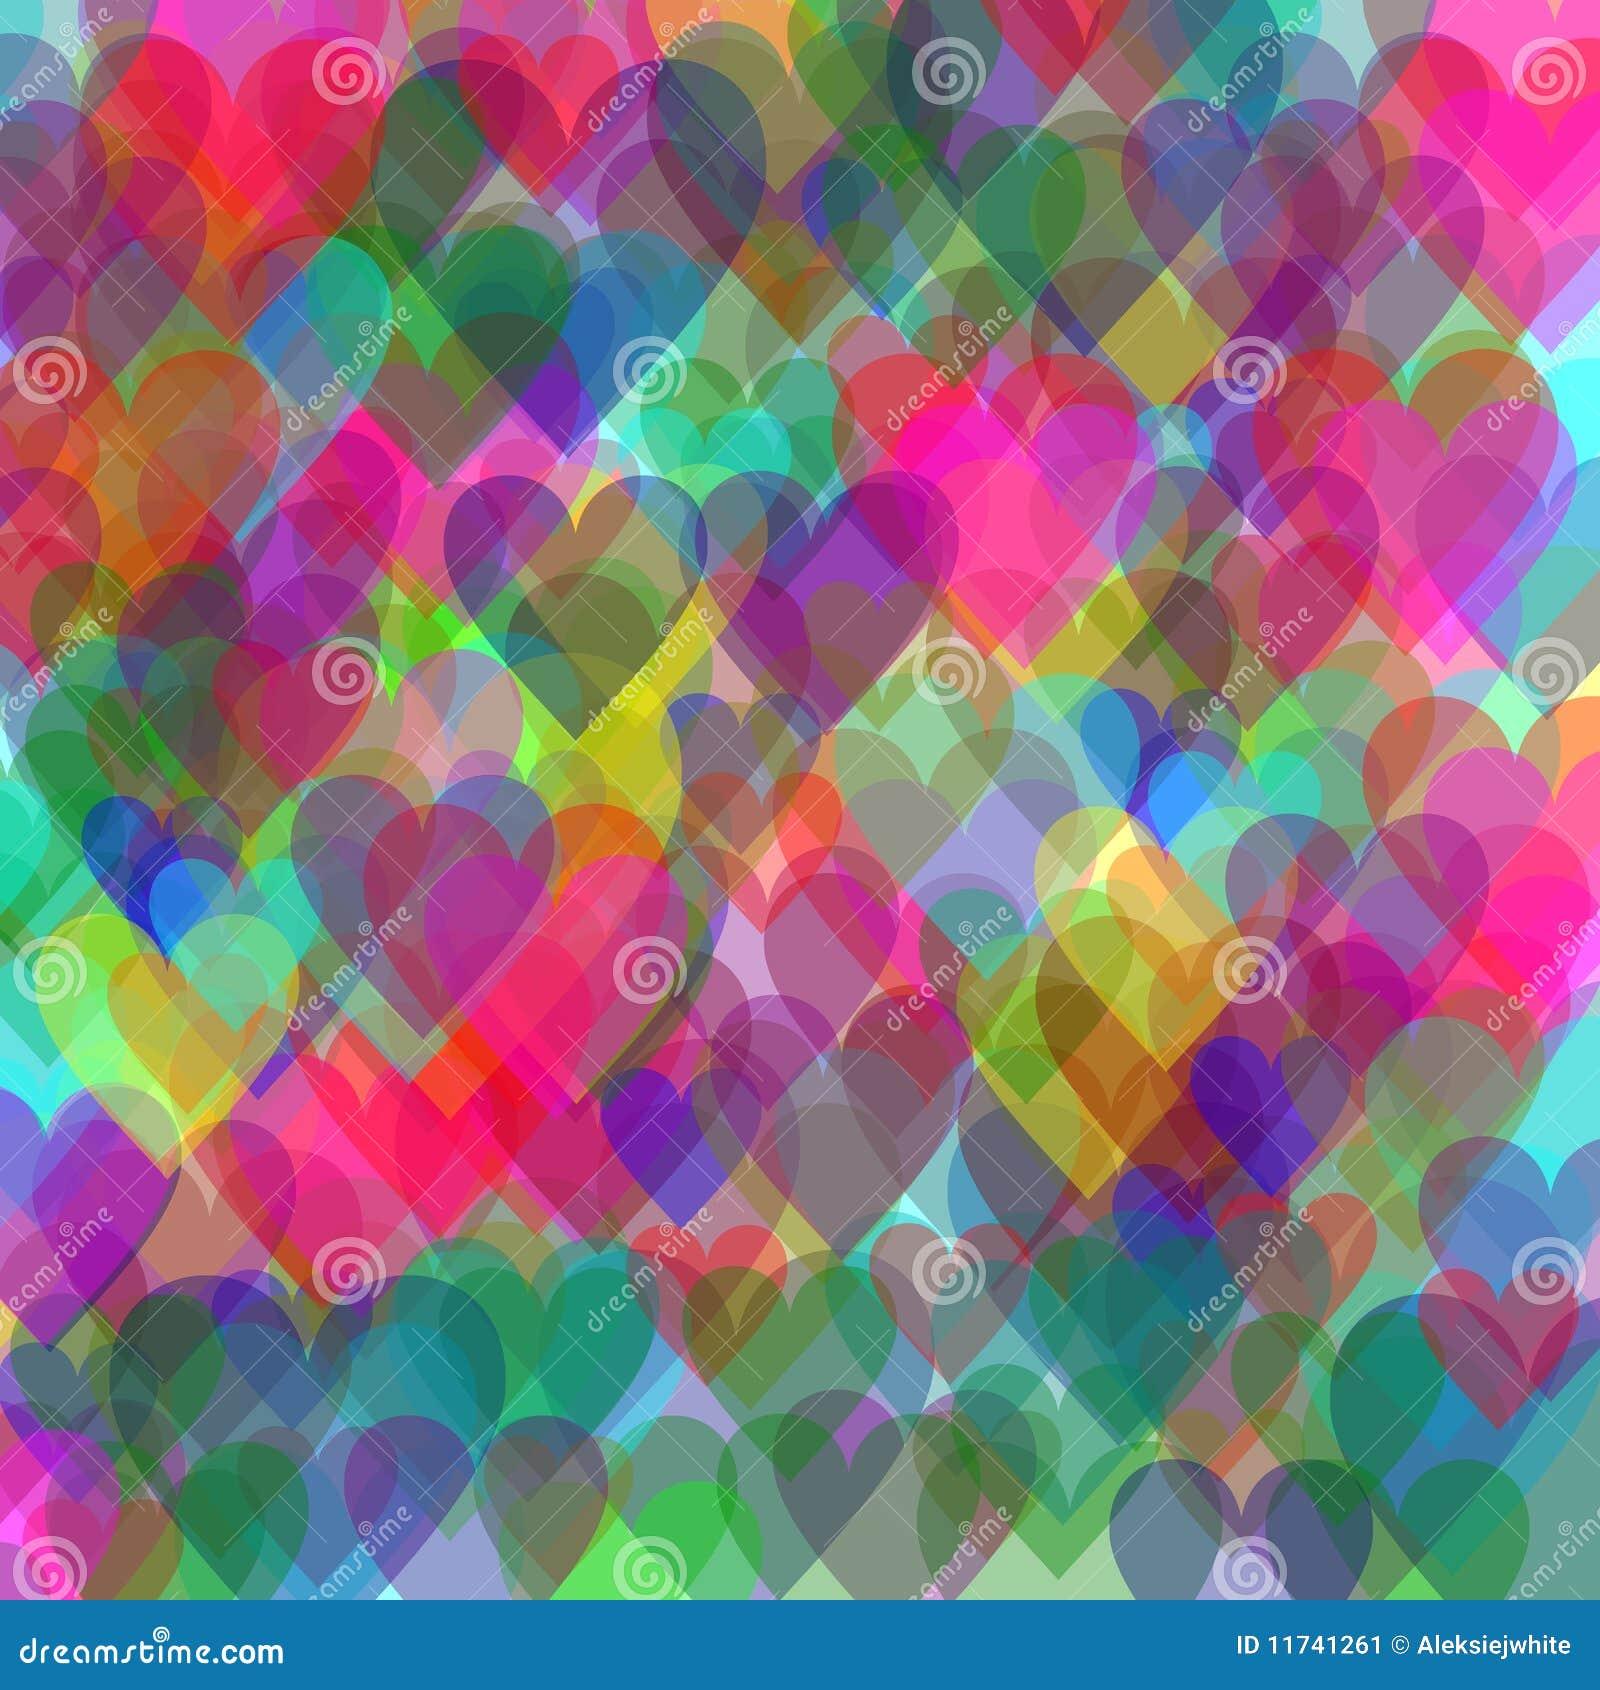 corazones de colores fondo - photo #2